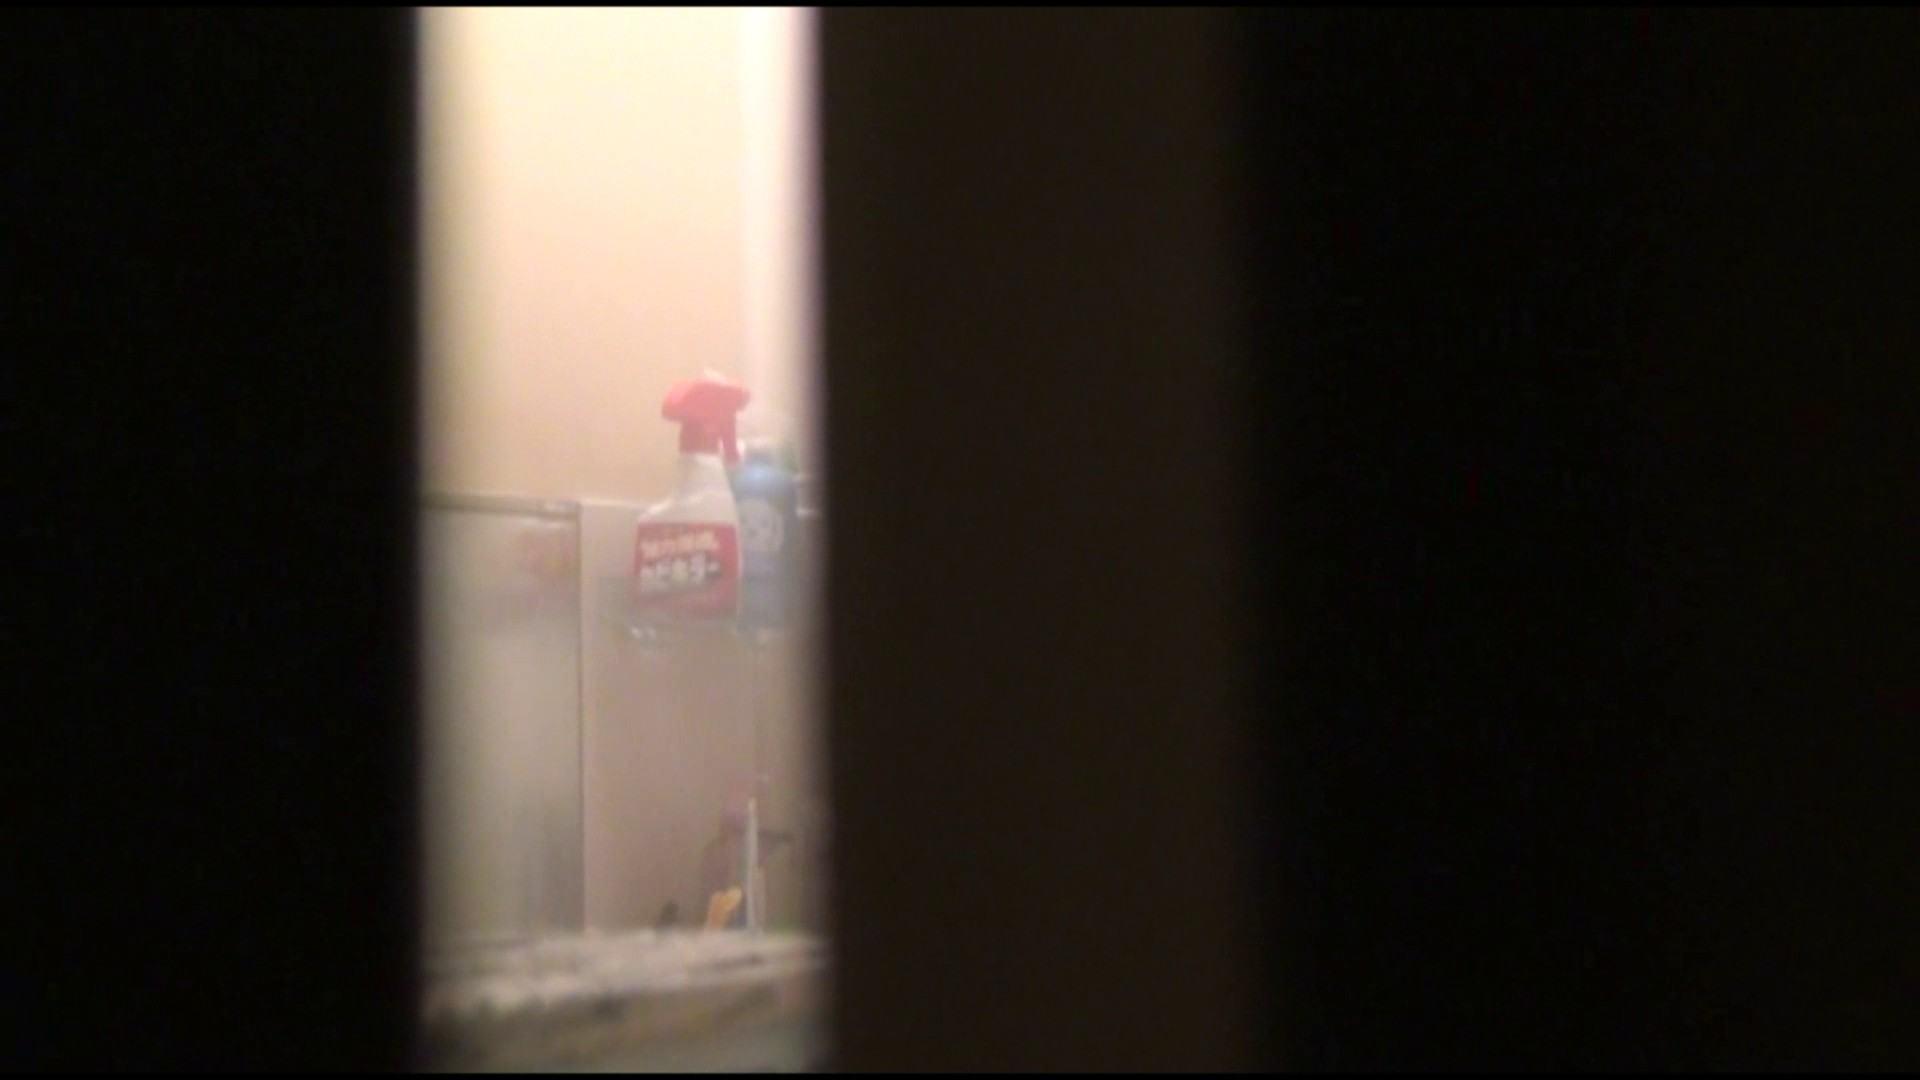 vol.08最高のパイラインを流れるシャワーの水が極上嬢をさらに引き立てます! 盗撮で悶絶 オマンコ無修正動画無料 78画像 68